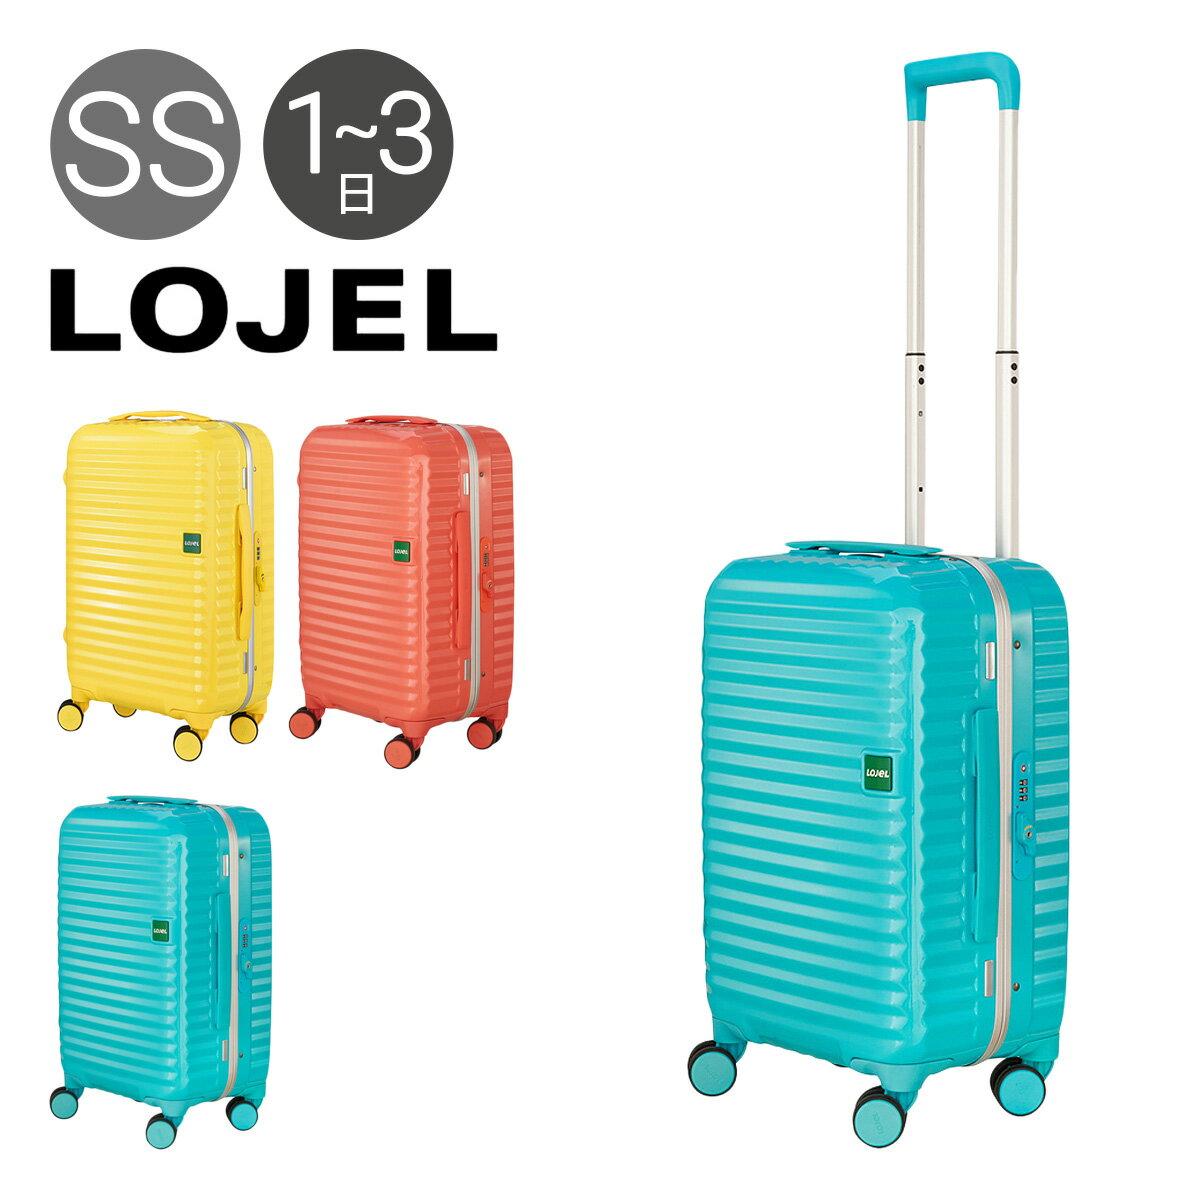 ロジェール LOJEL スーツケース Groove 2 Sサイズ 48cm 【 キャリーケース キャリーバッグ フレームタイプ 双輪キャスター TSAロック搭載 】【即日発送】